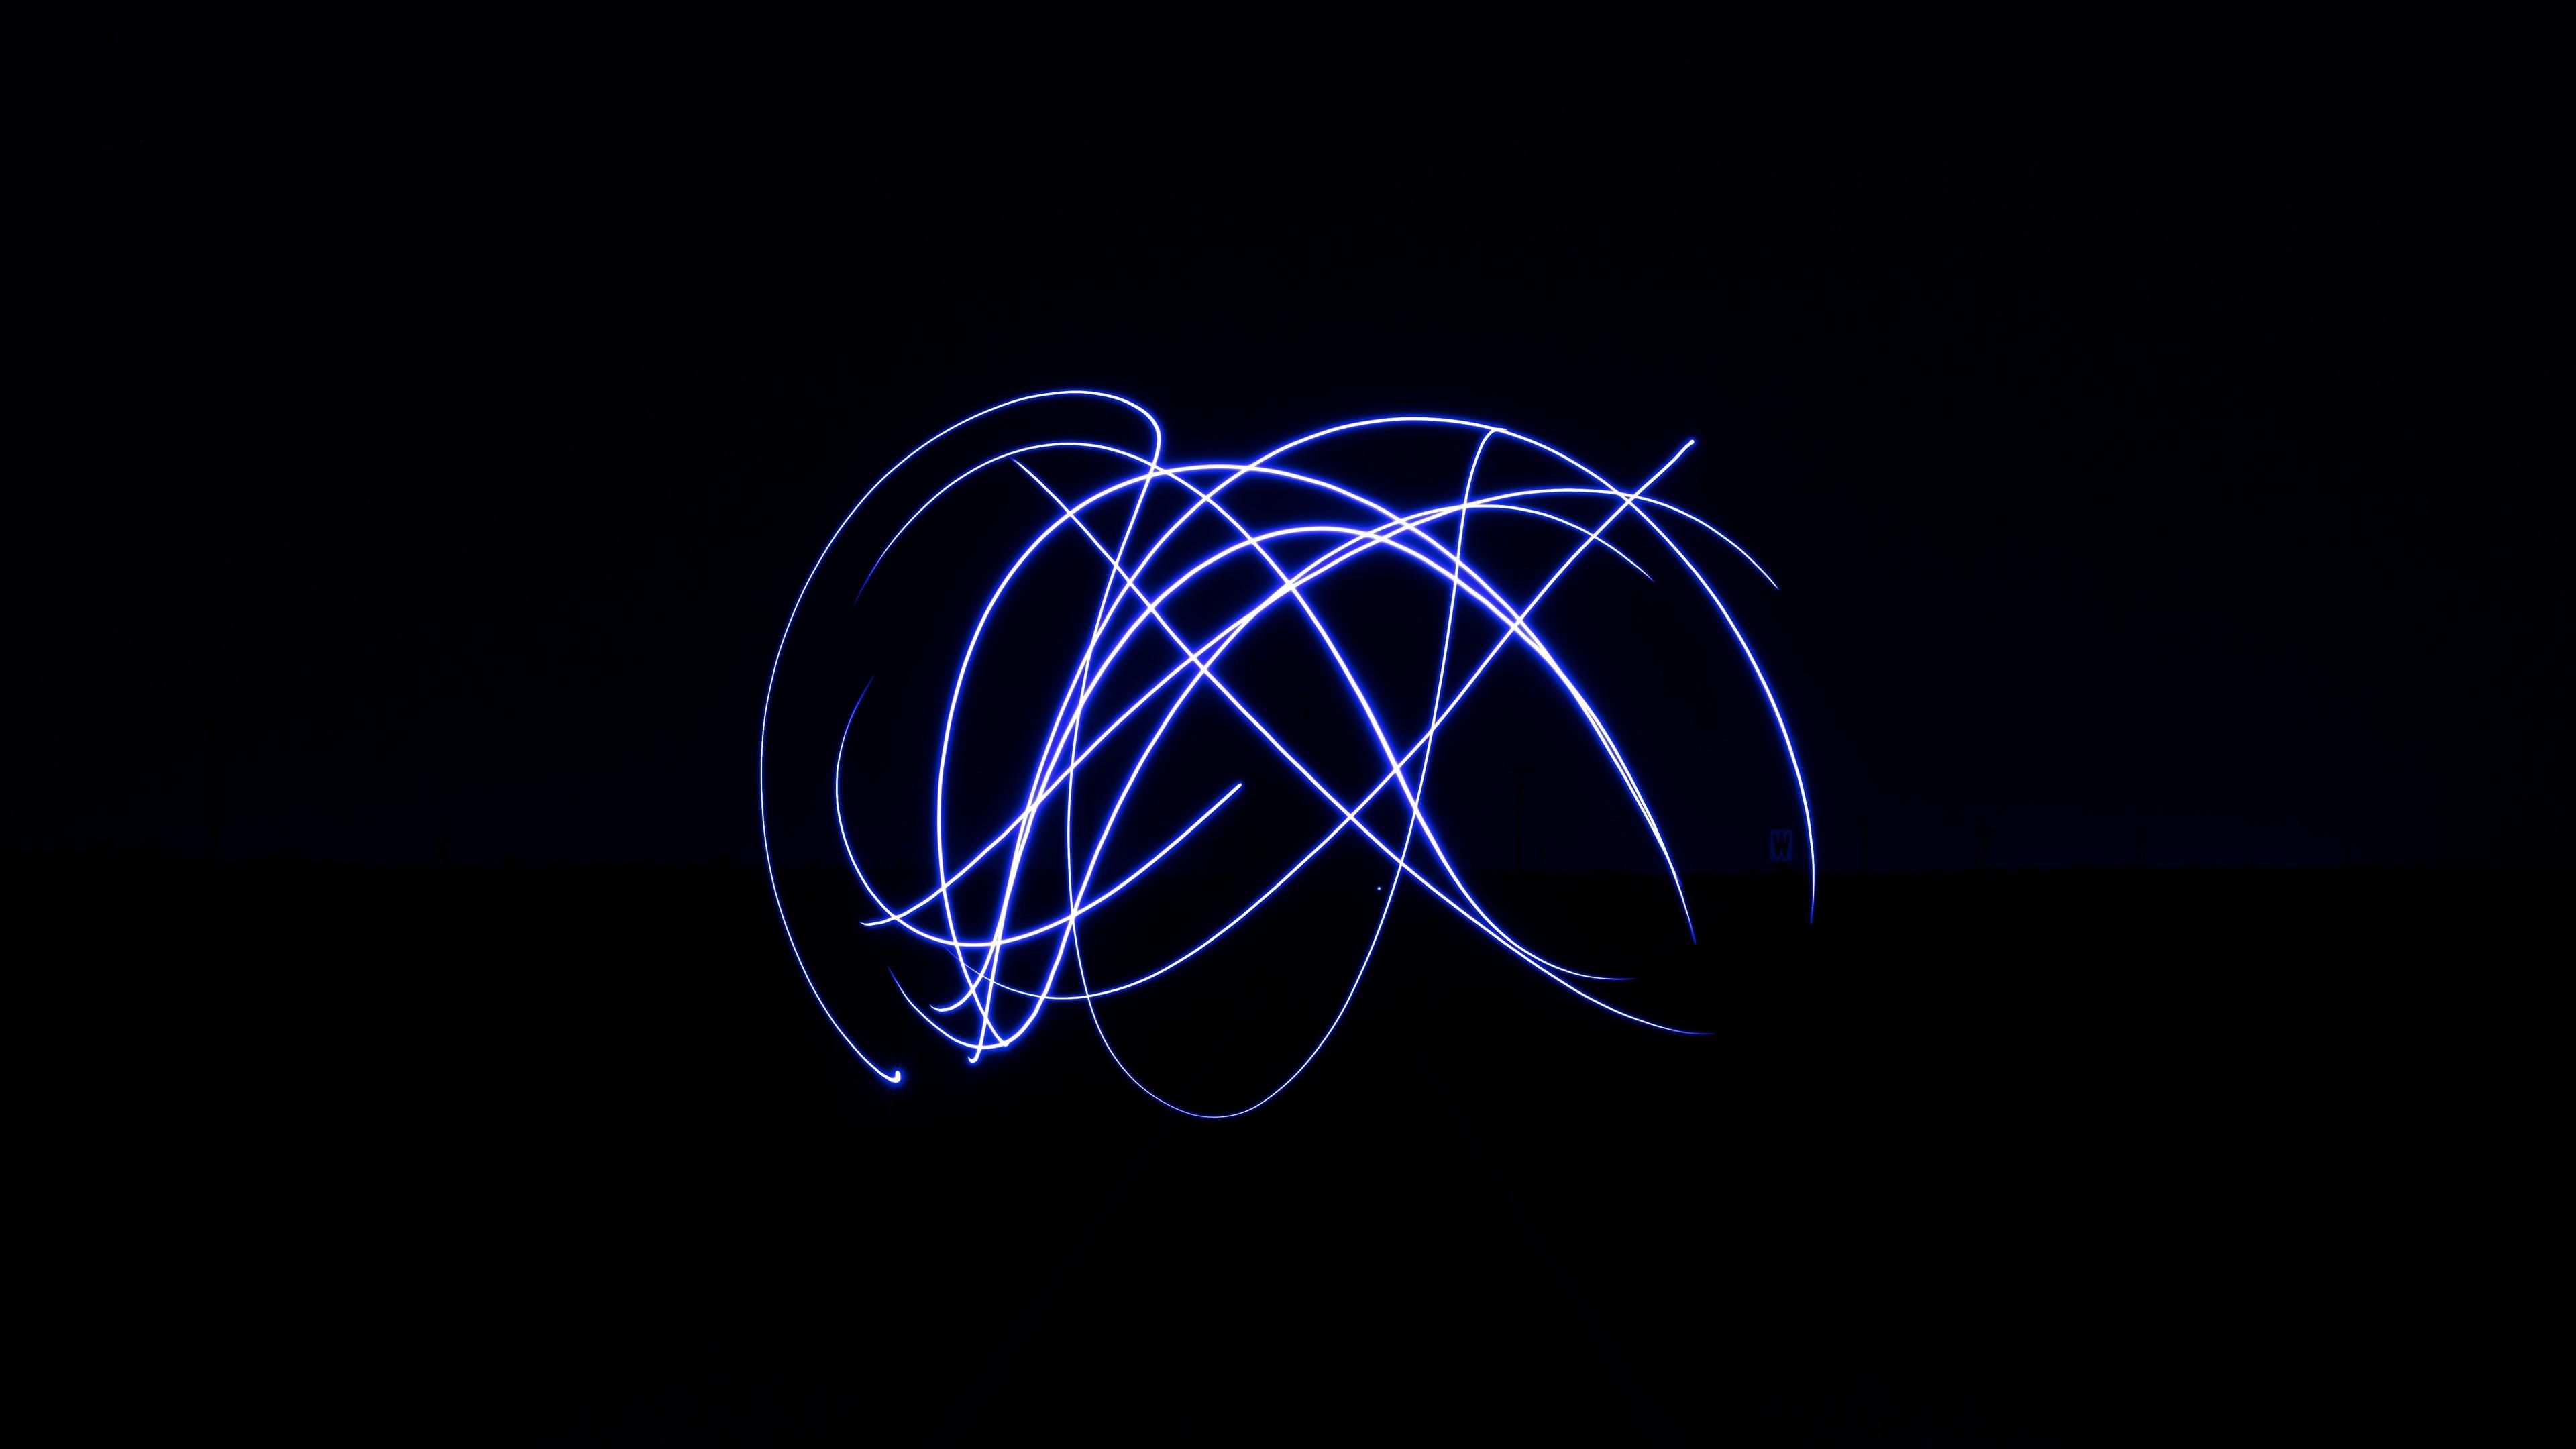 exposure lines plexus light 4k 1539369385 - exposure, lines, plexus, light 4k - plexus, Lines, Exposure